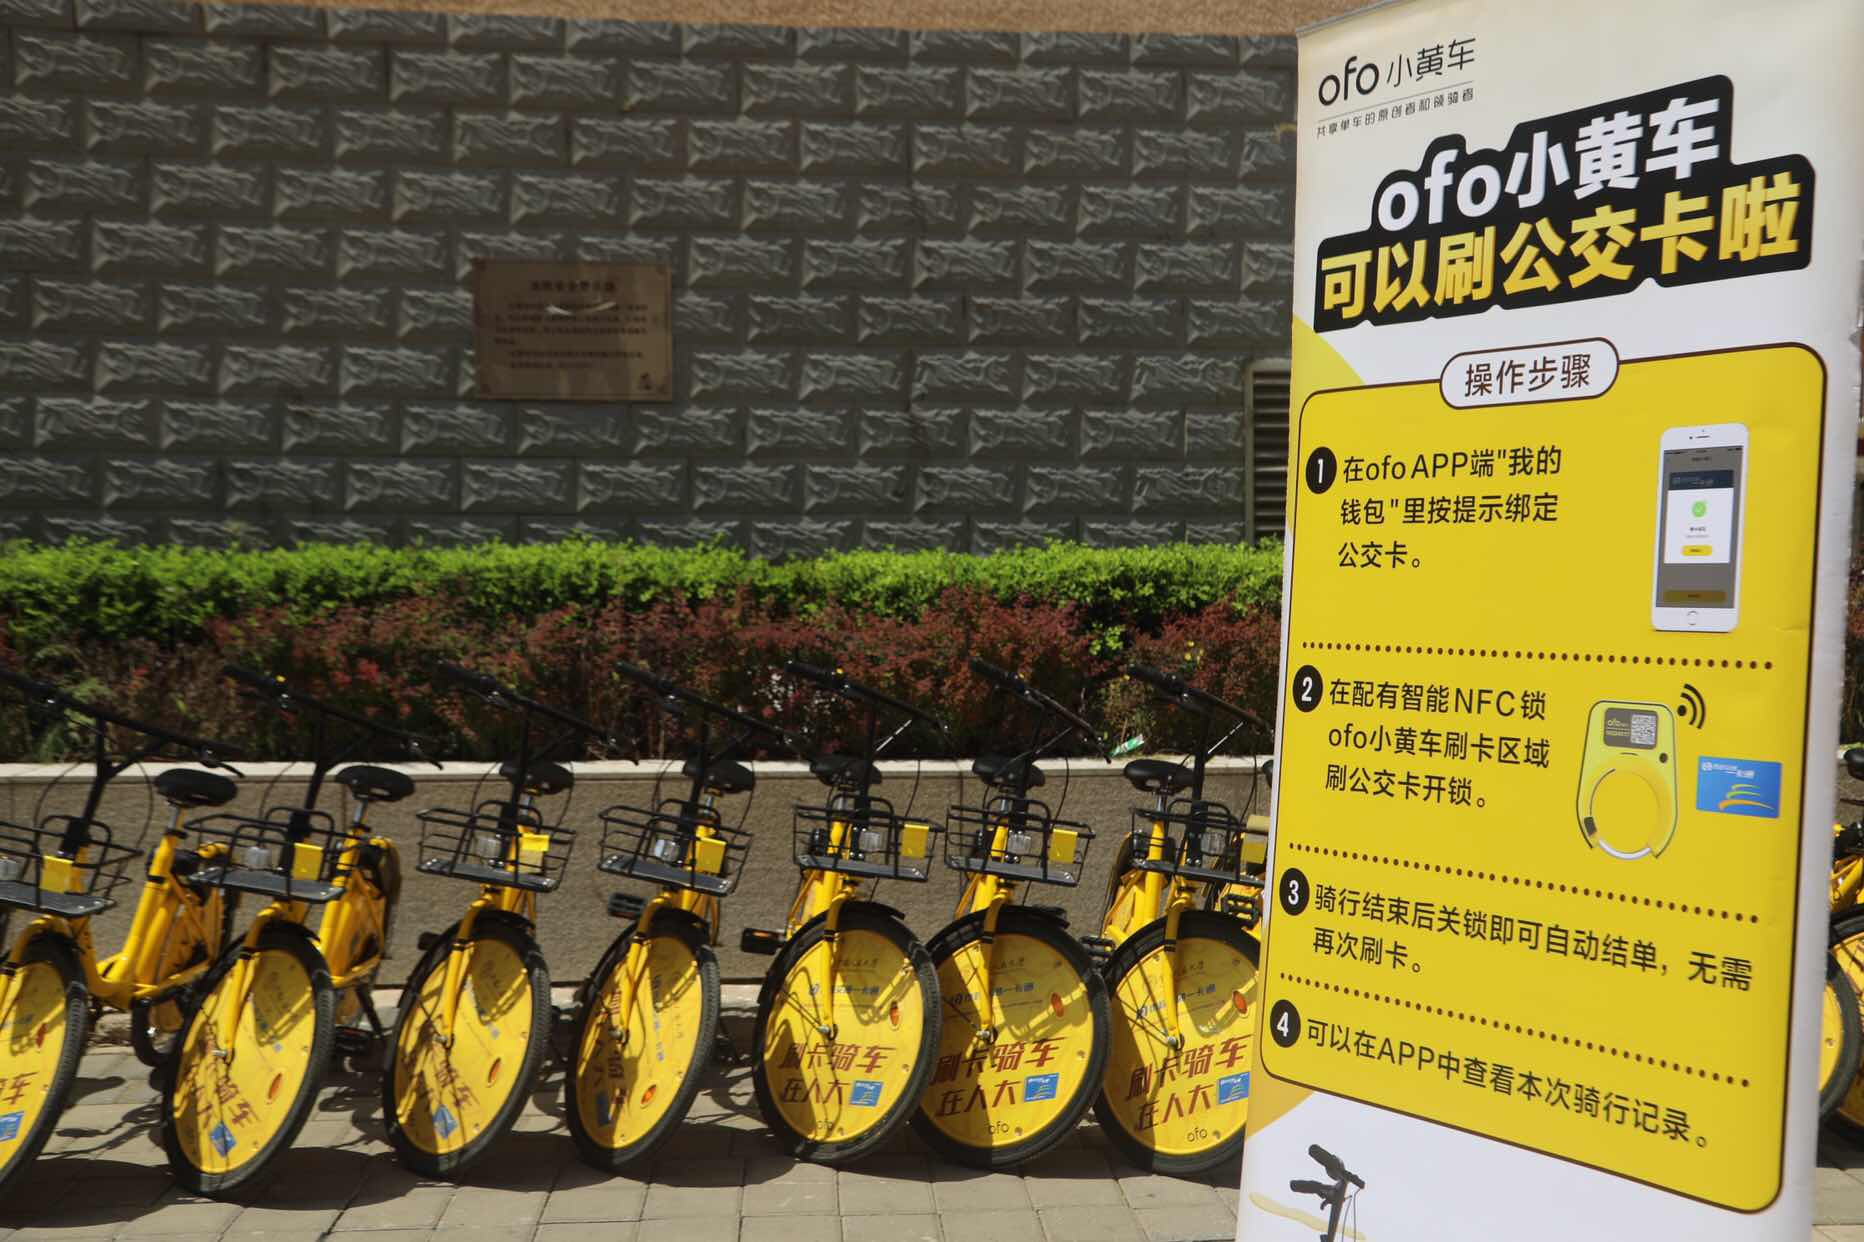 ofo与北京一卡通达成战略合作 扫公交卡可直接开锁